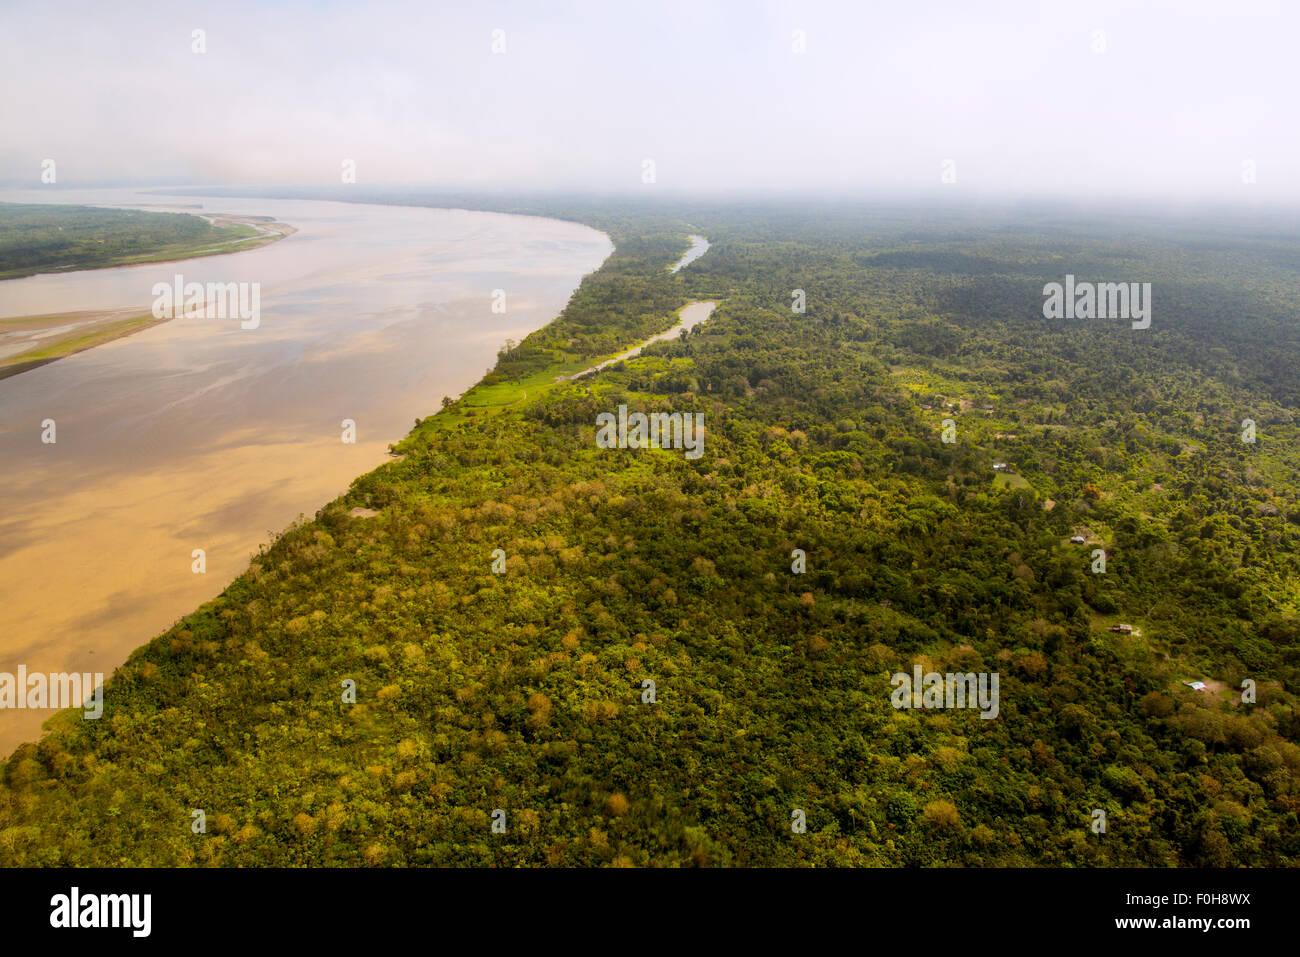 Amazon River par antenne, avec les colonies et secondaire, près de la forêt d'Iquitos, Pérou Photo Stock